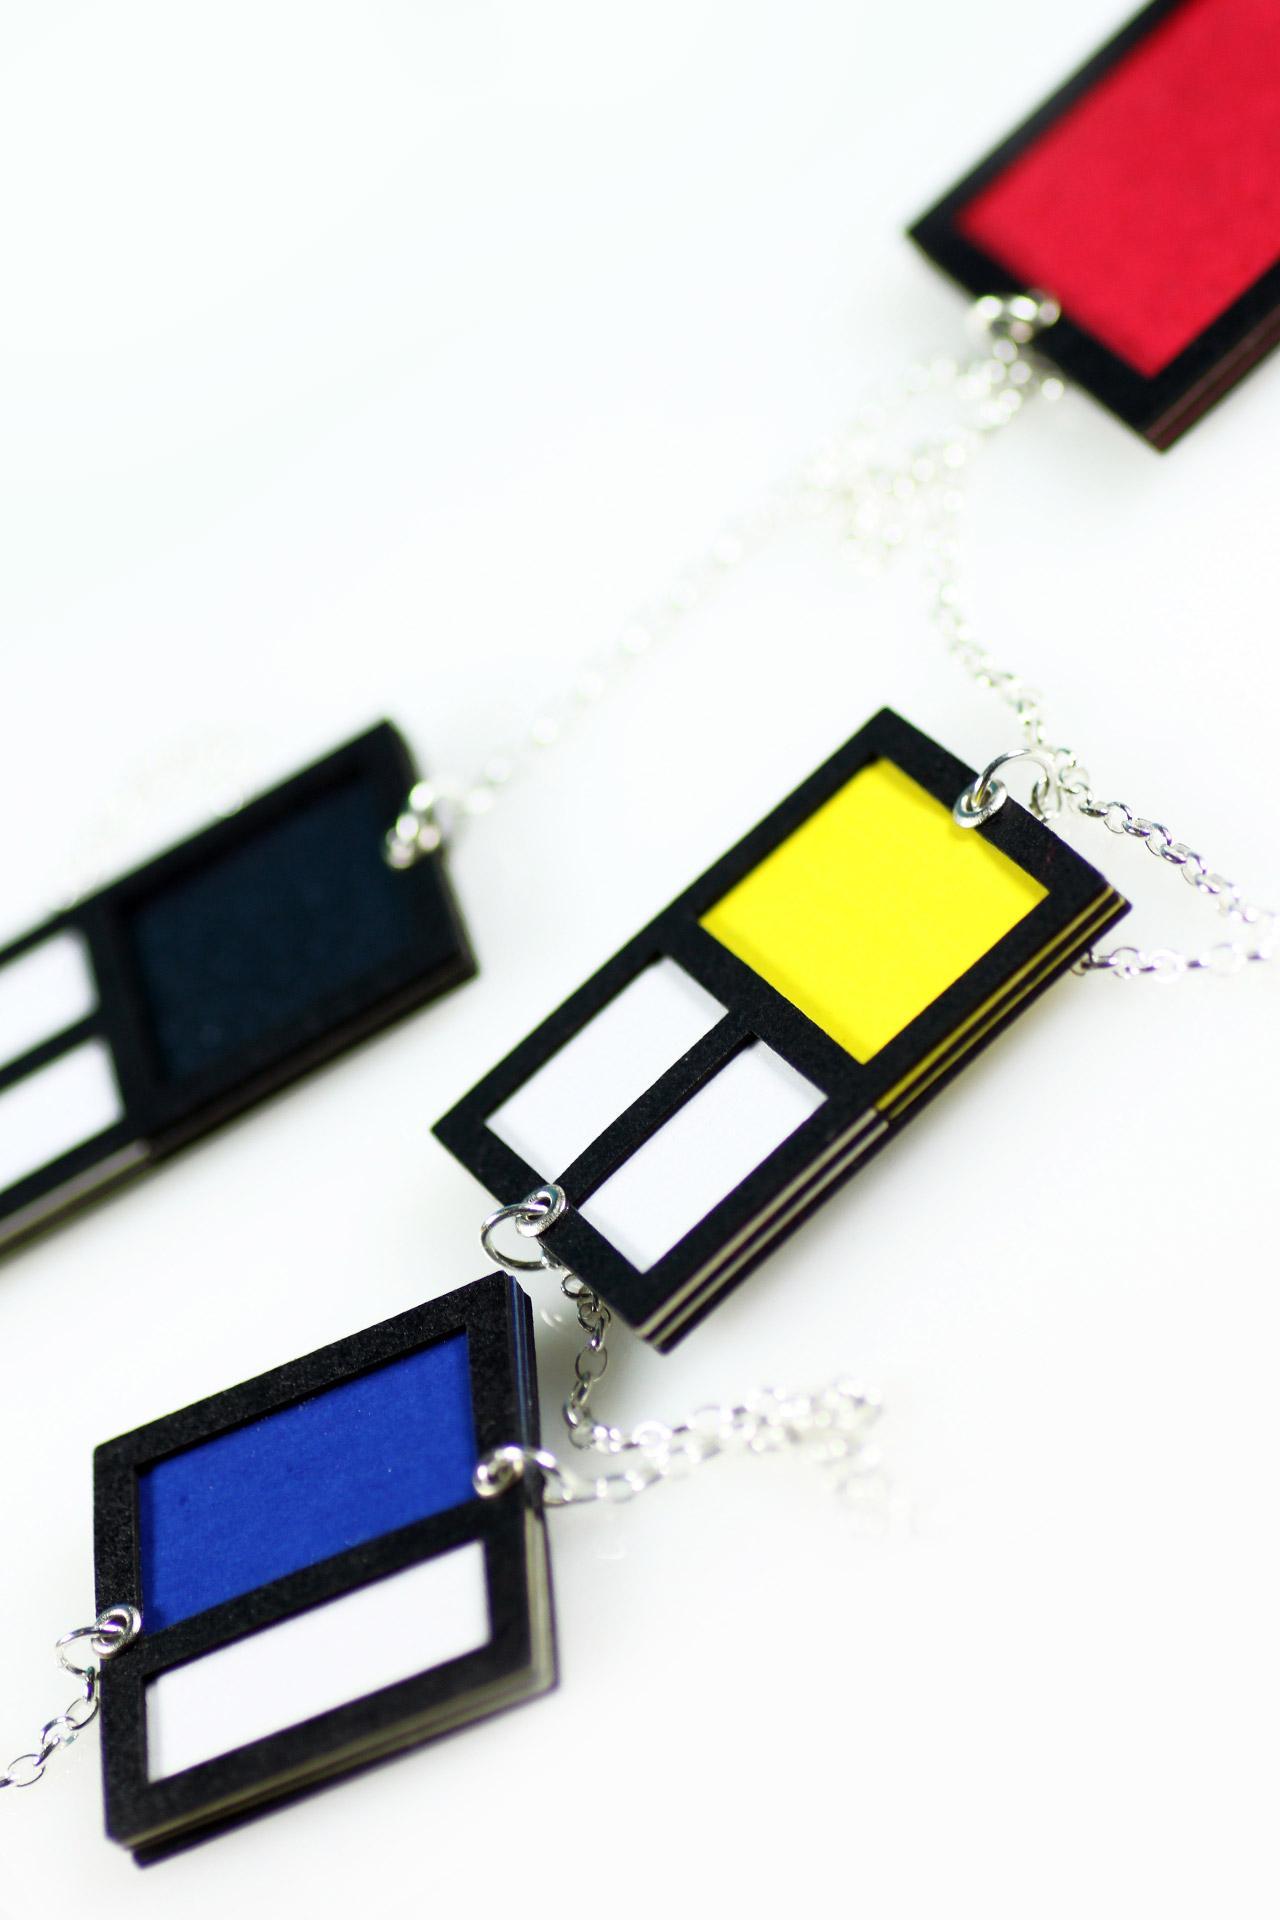 198dad007ca4 ... Detalle cadena barbada en plata y papel artesanal Modelo con collar  largo rojo amarillo azul ...